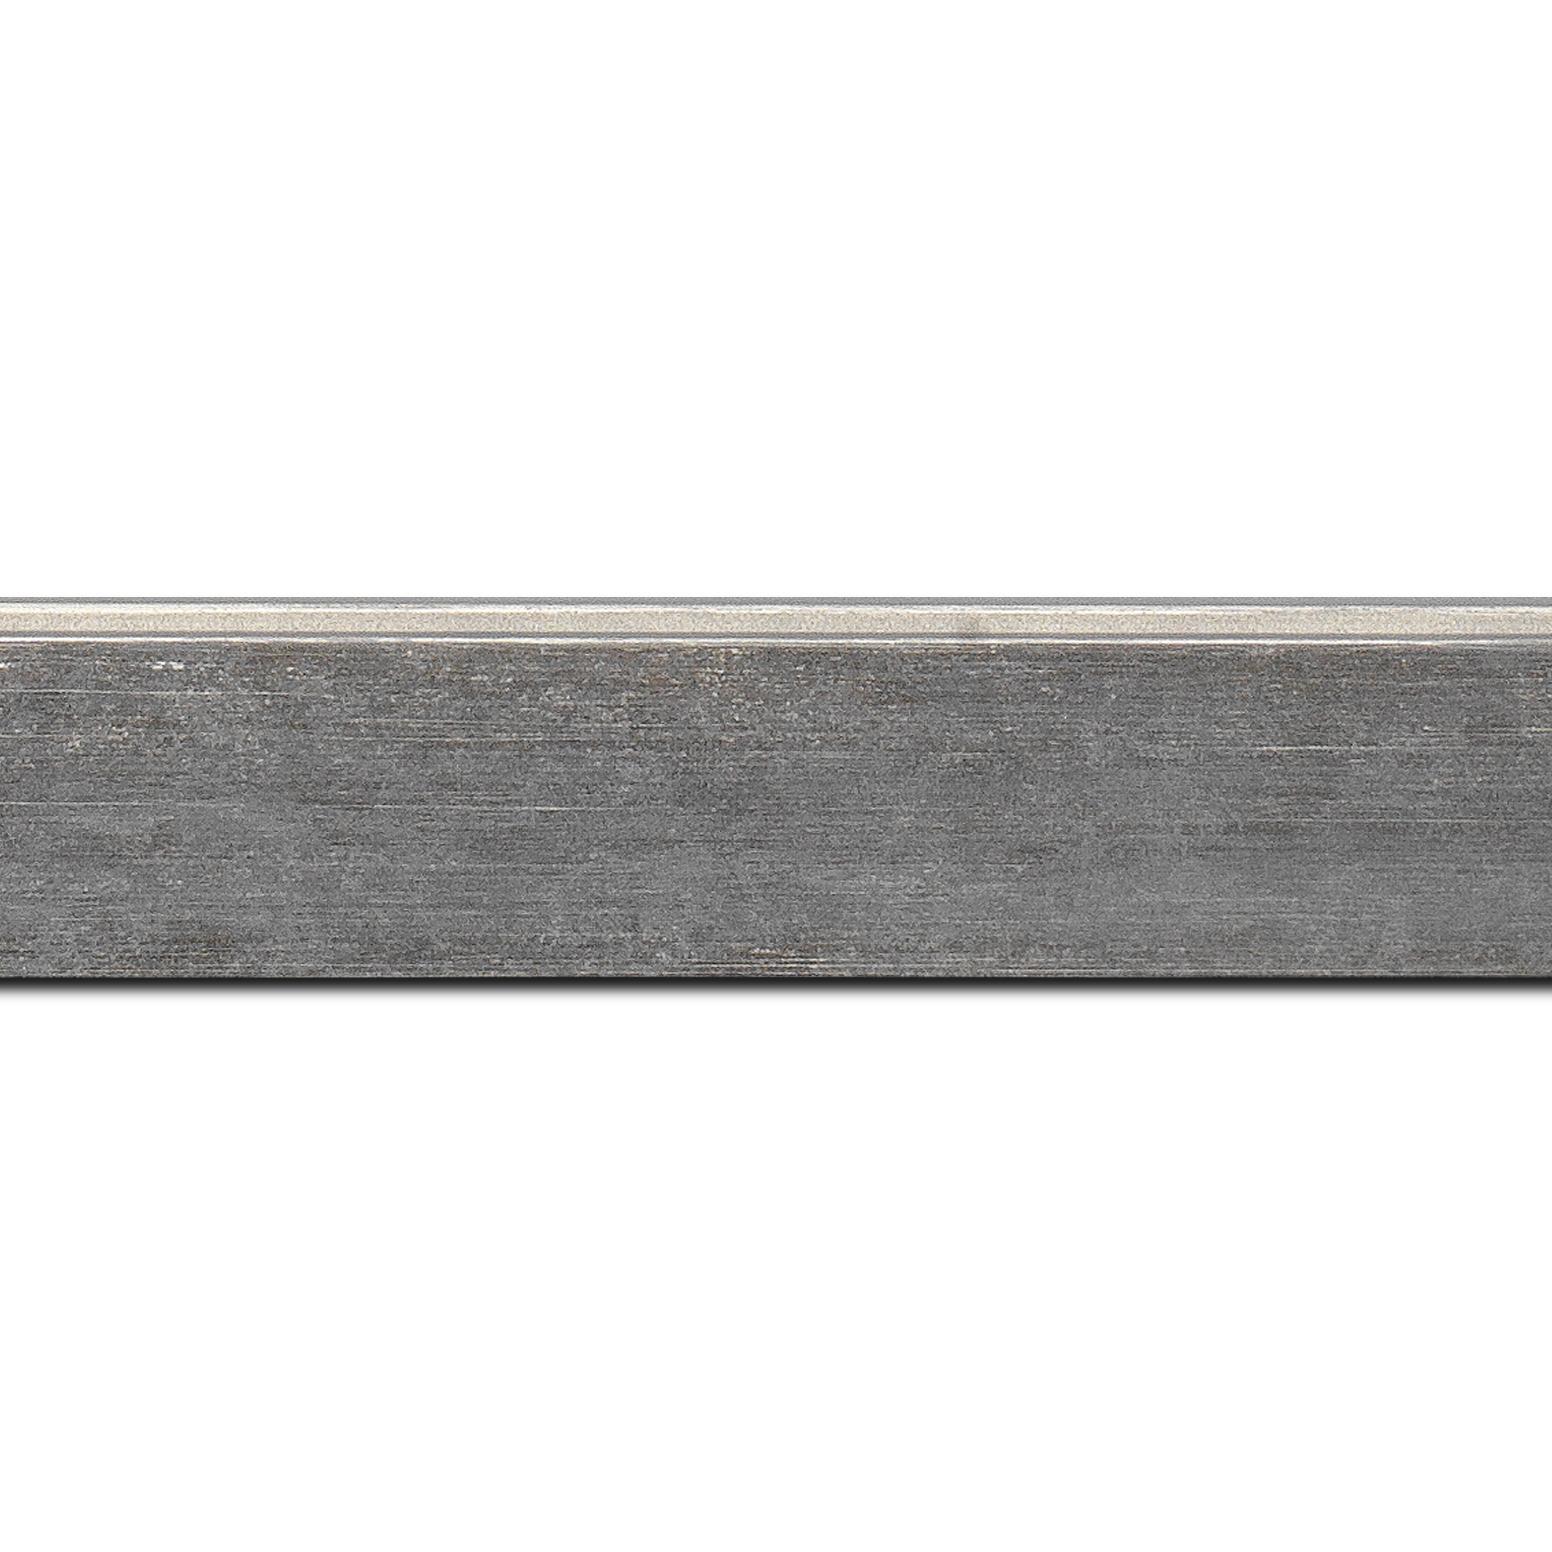 Pack par 12m, bois profil plat incliné largeur 3.7cm couleur gris clair effet ressuyé (longueur baguette pouvant varier entre 2.40m et 3m selon arrivage des bois)